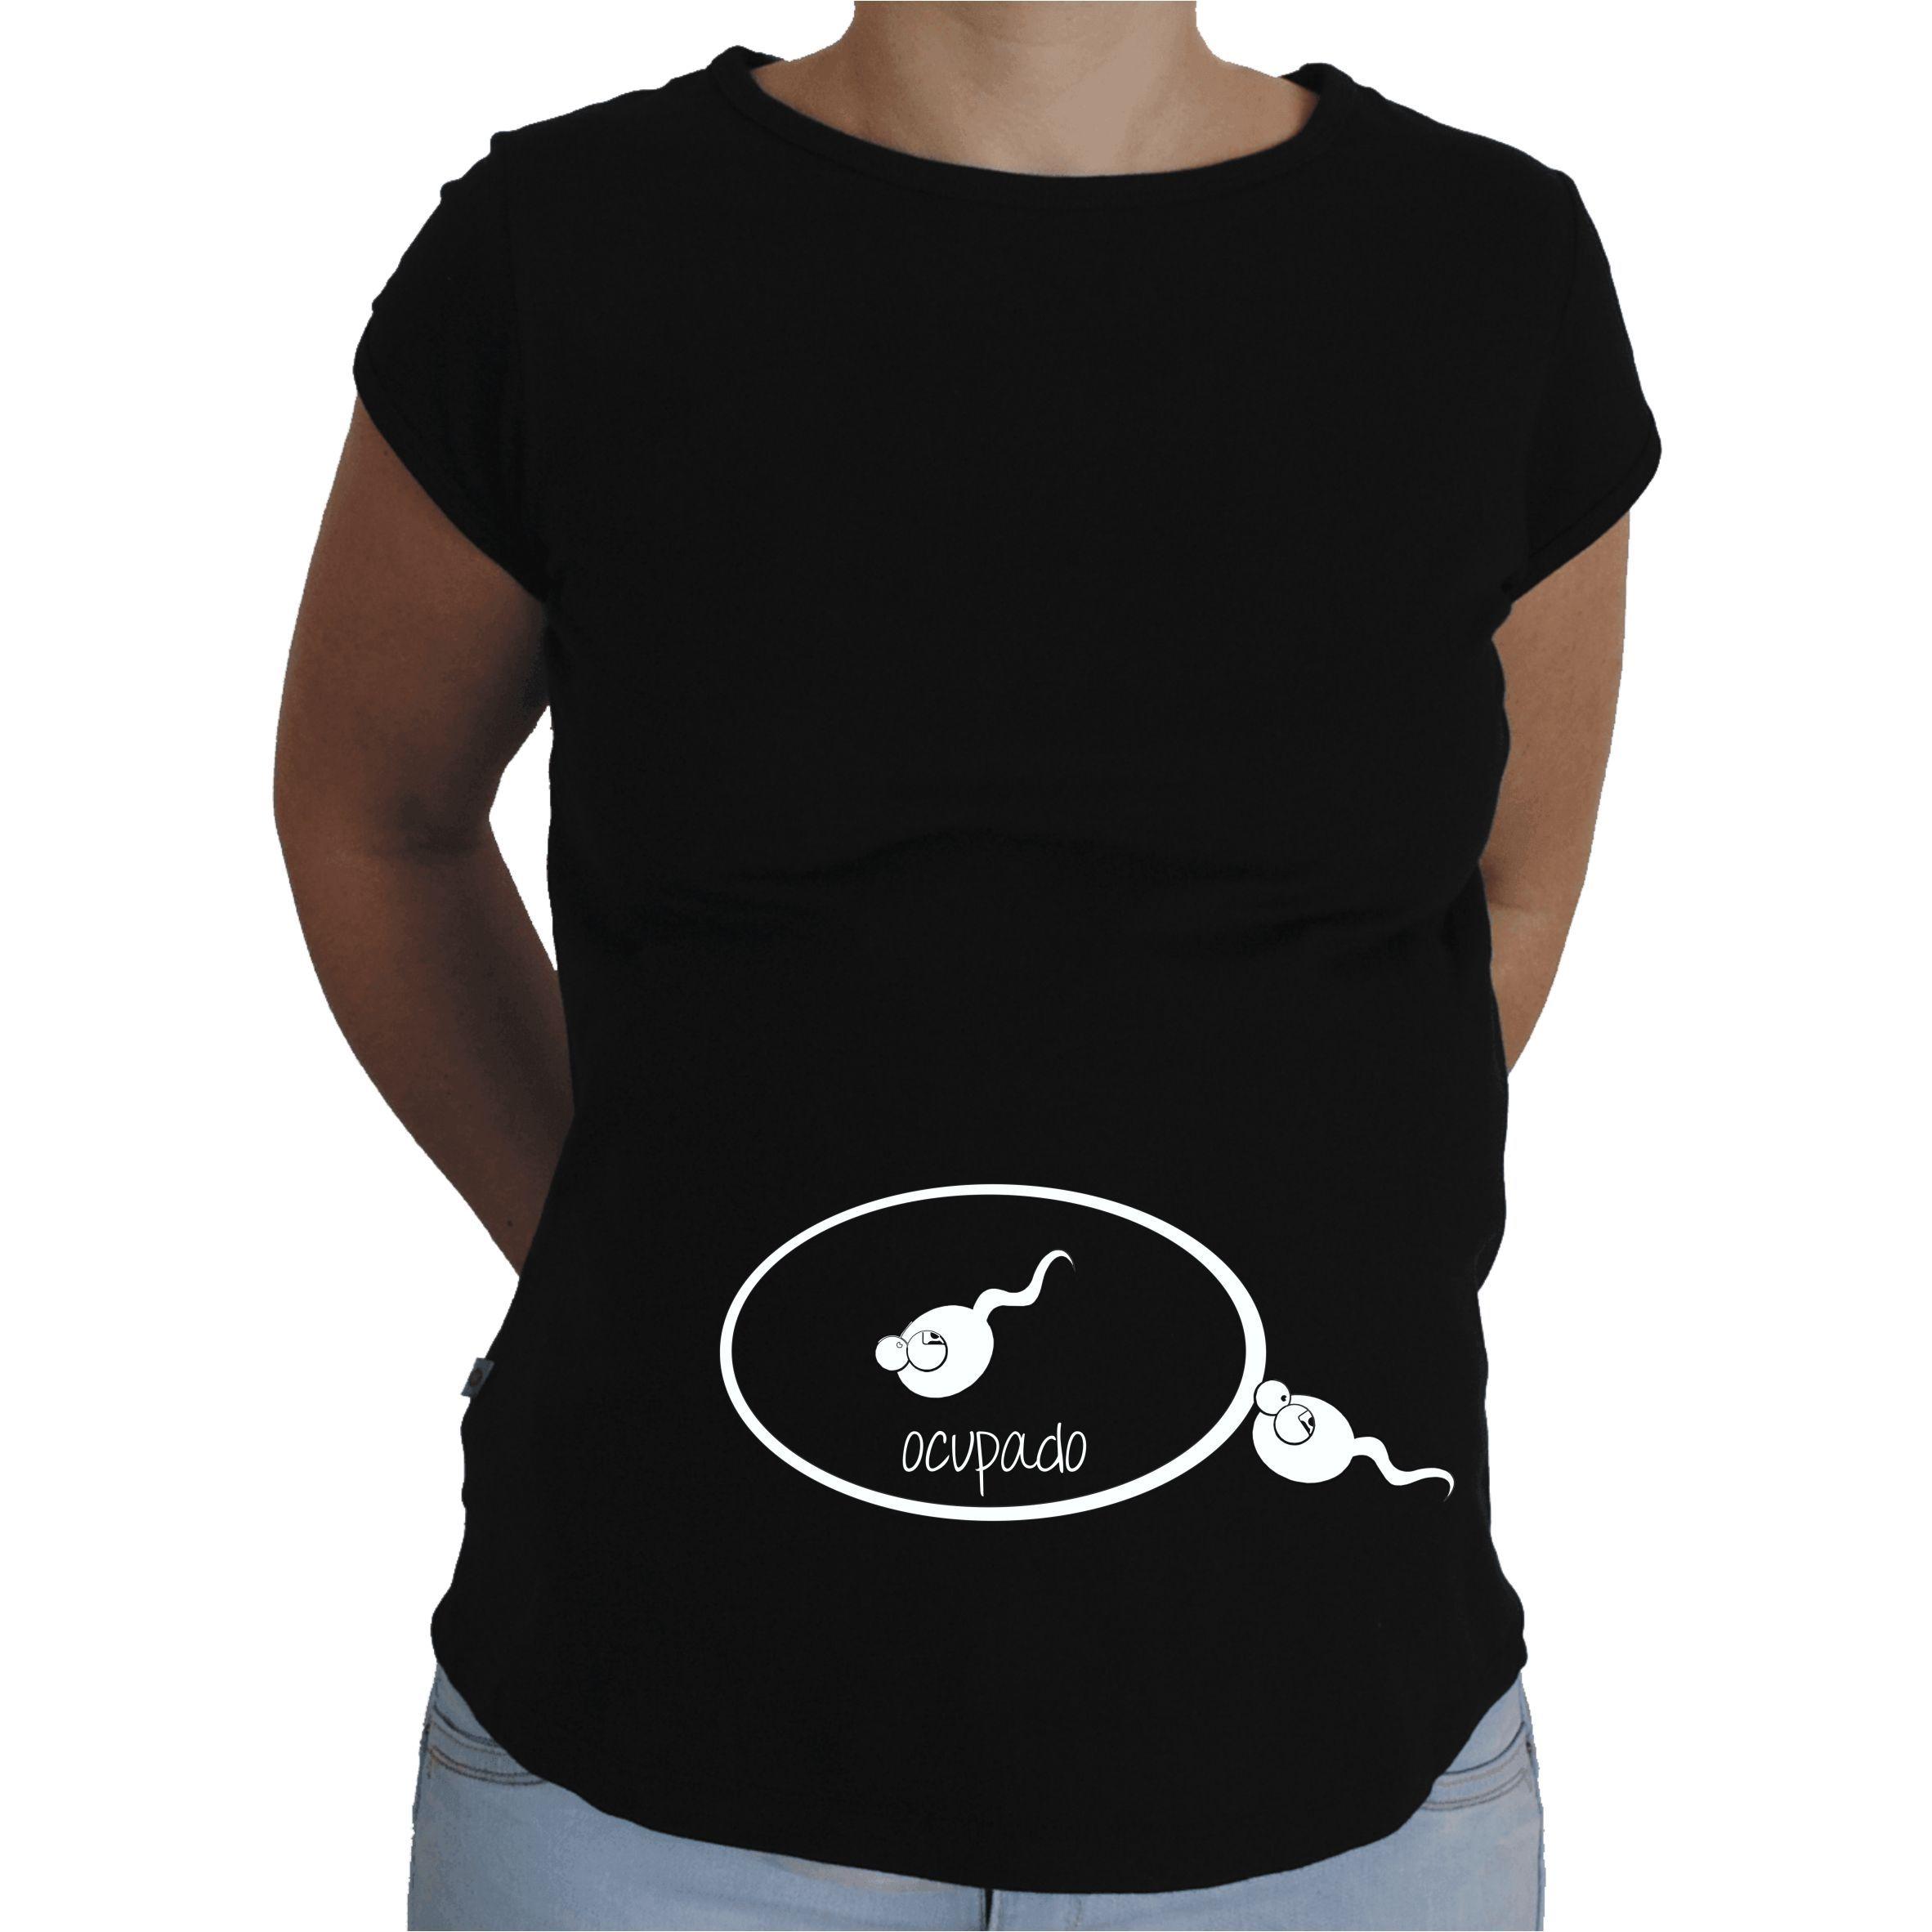 Camiseta para embarazada Divertida - Ocupado